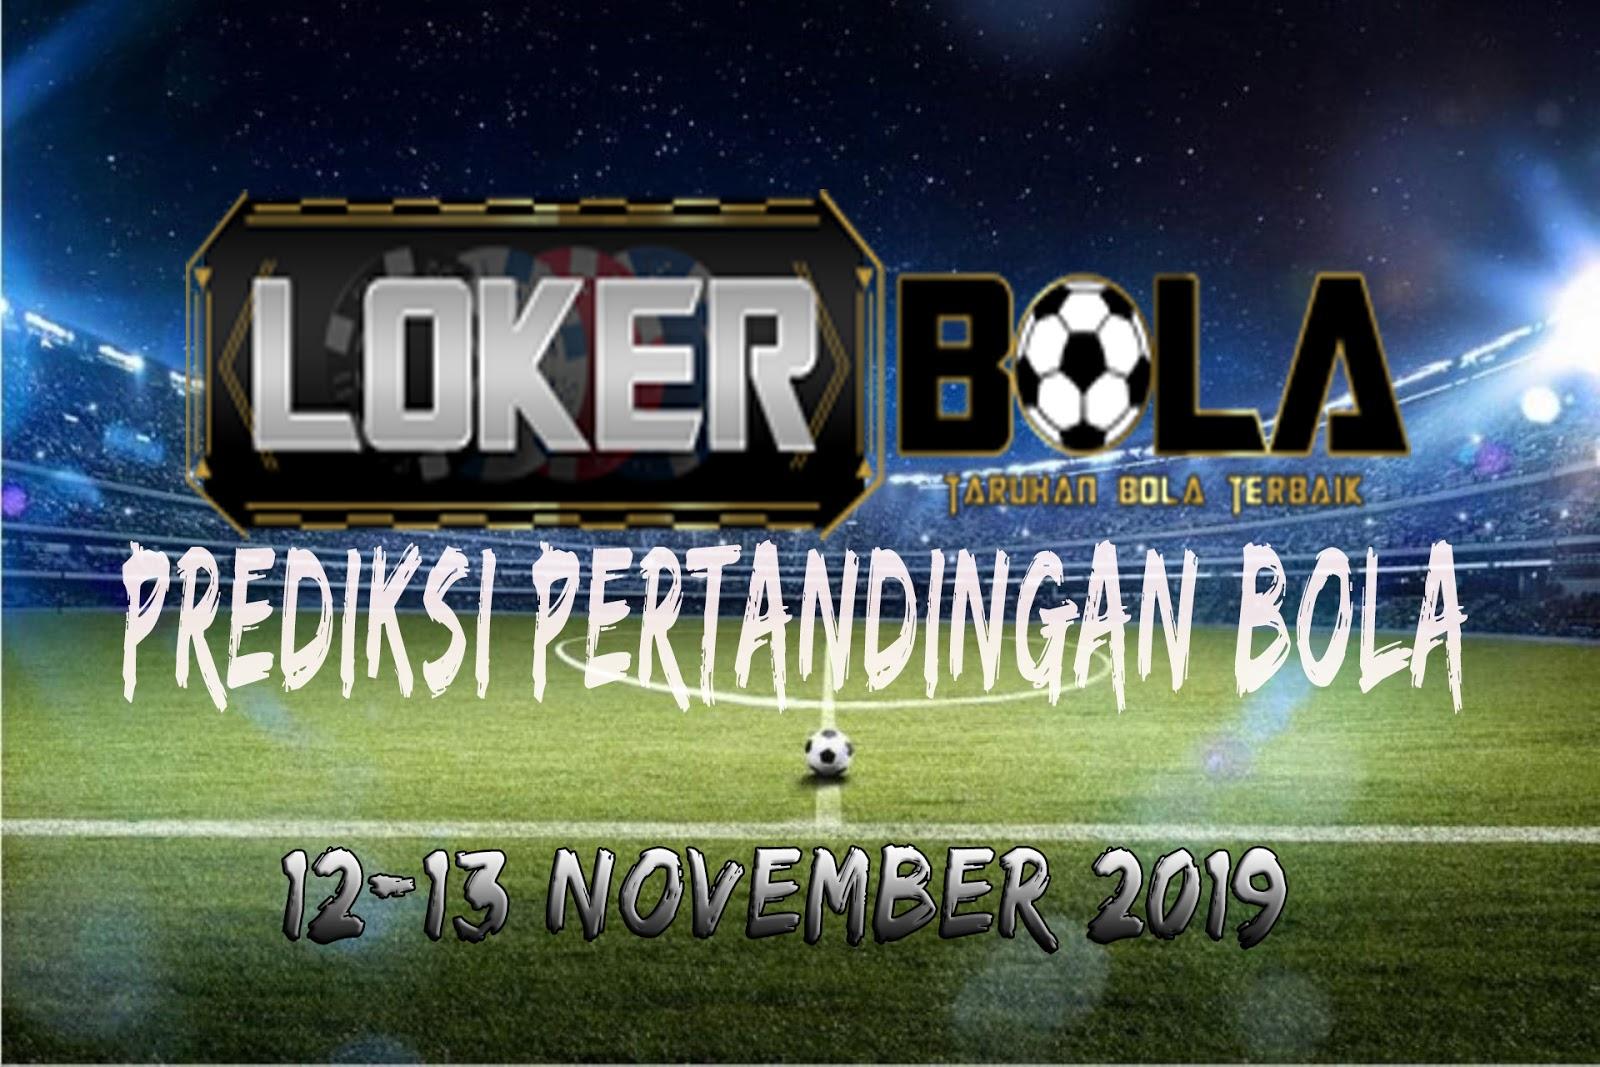 PREDIKSI PERTANDINGAN BOLA 12 – 13 NOVEMBER 2019